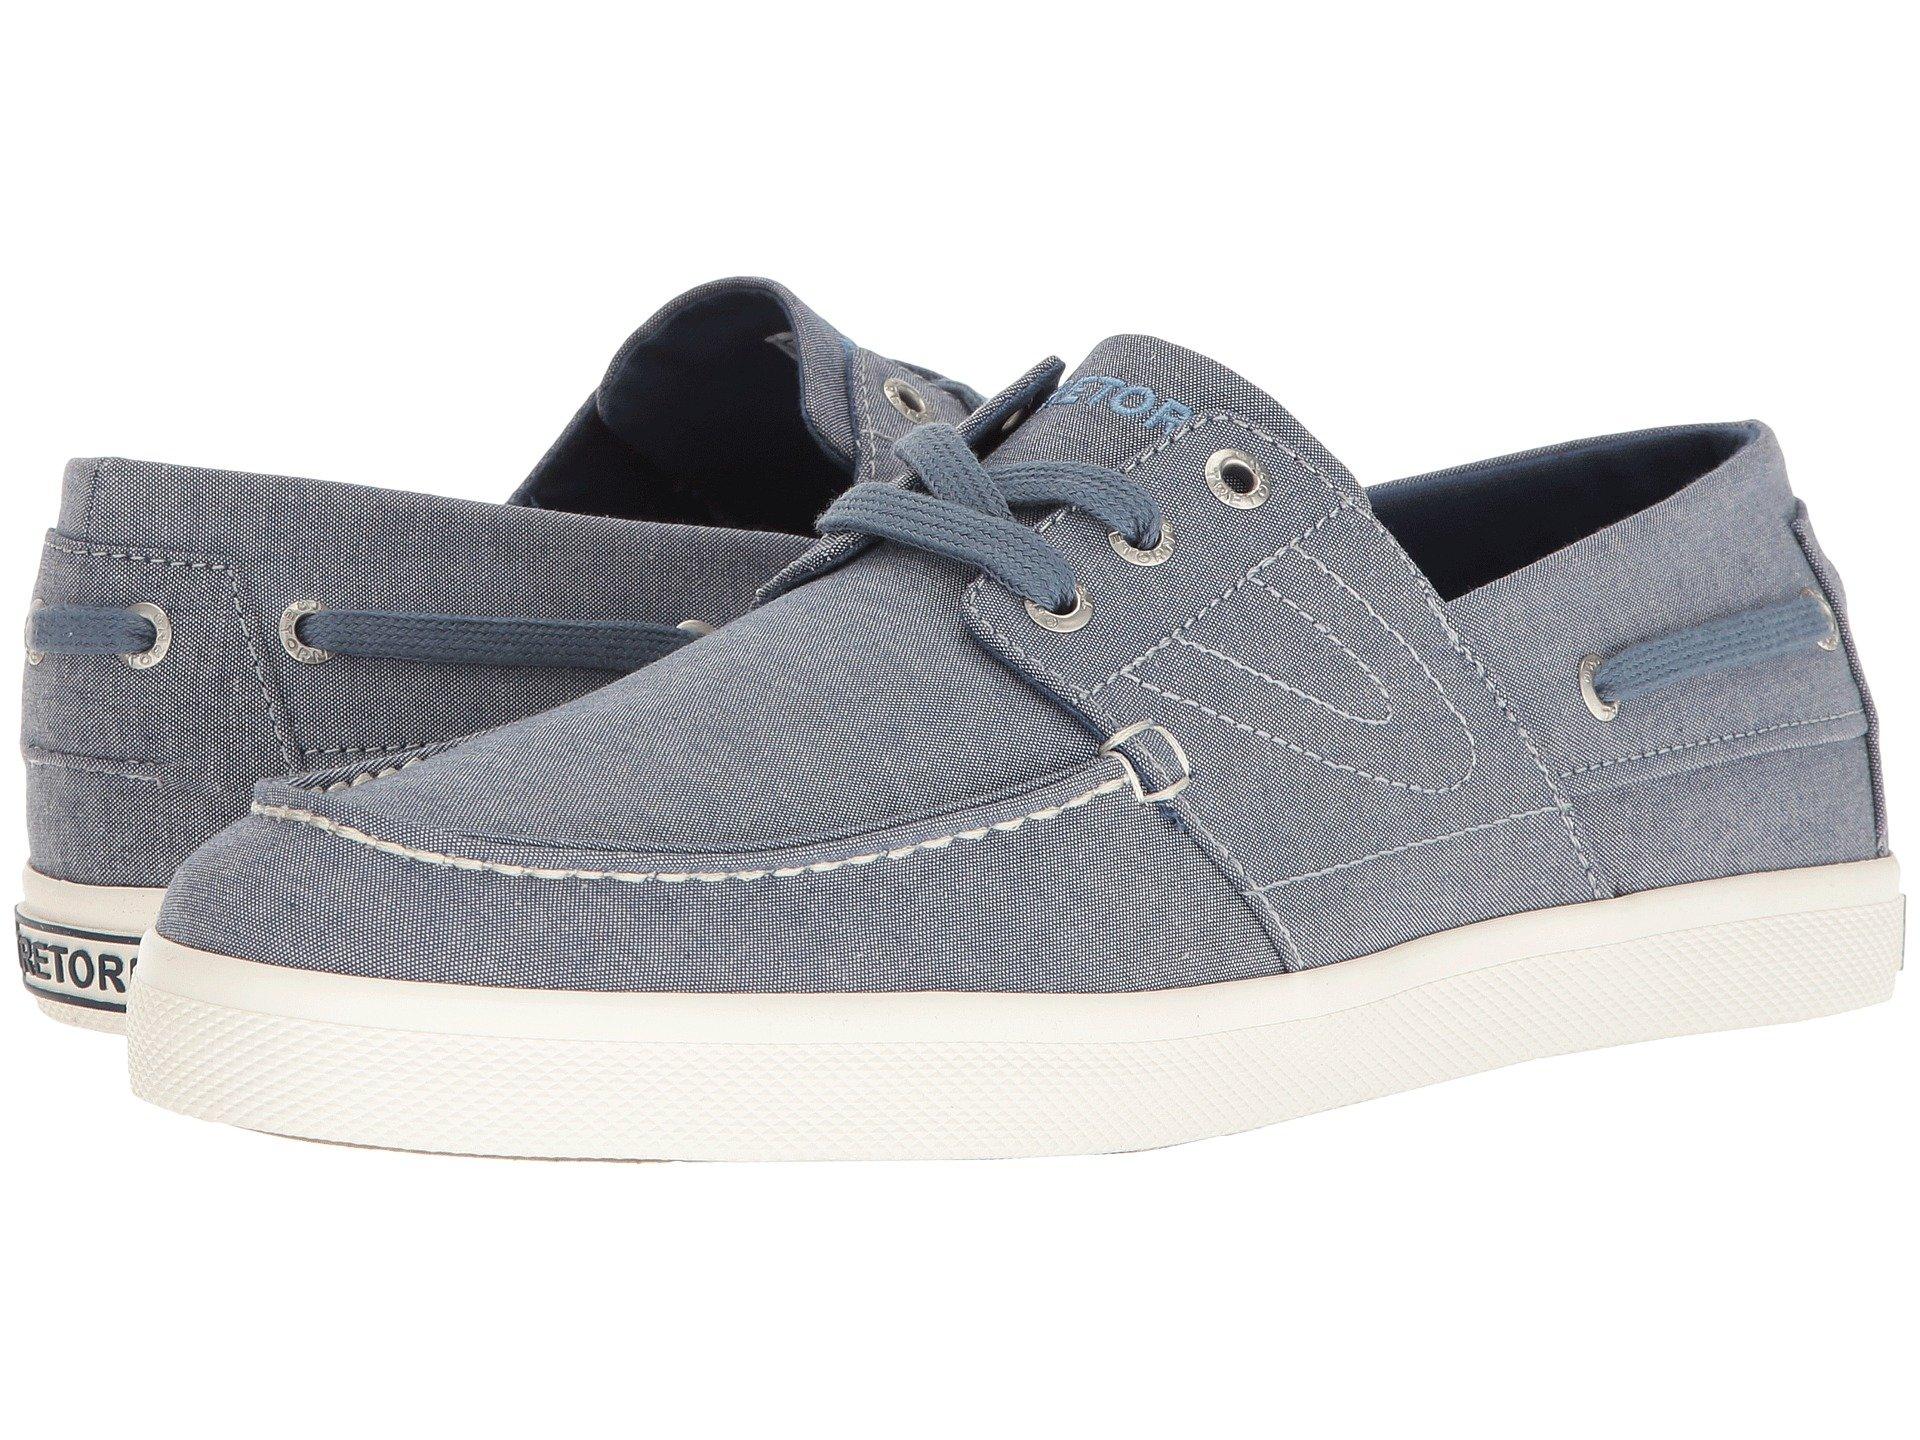 Calzado Tipo Boat Shoe para Hombre Tretorn Motto  + Tretorn en VeoyCompro.net